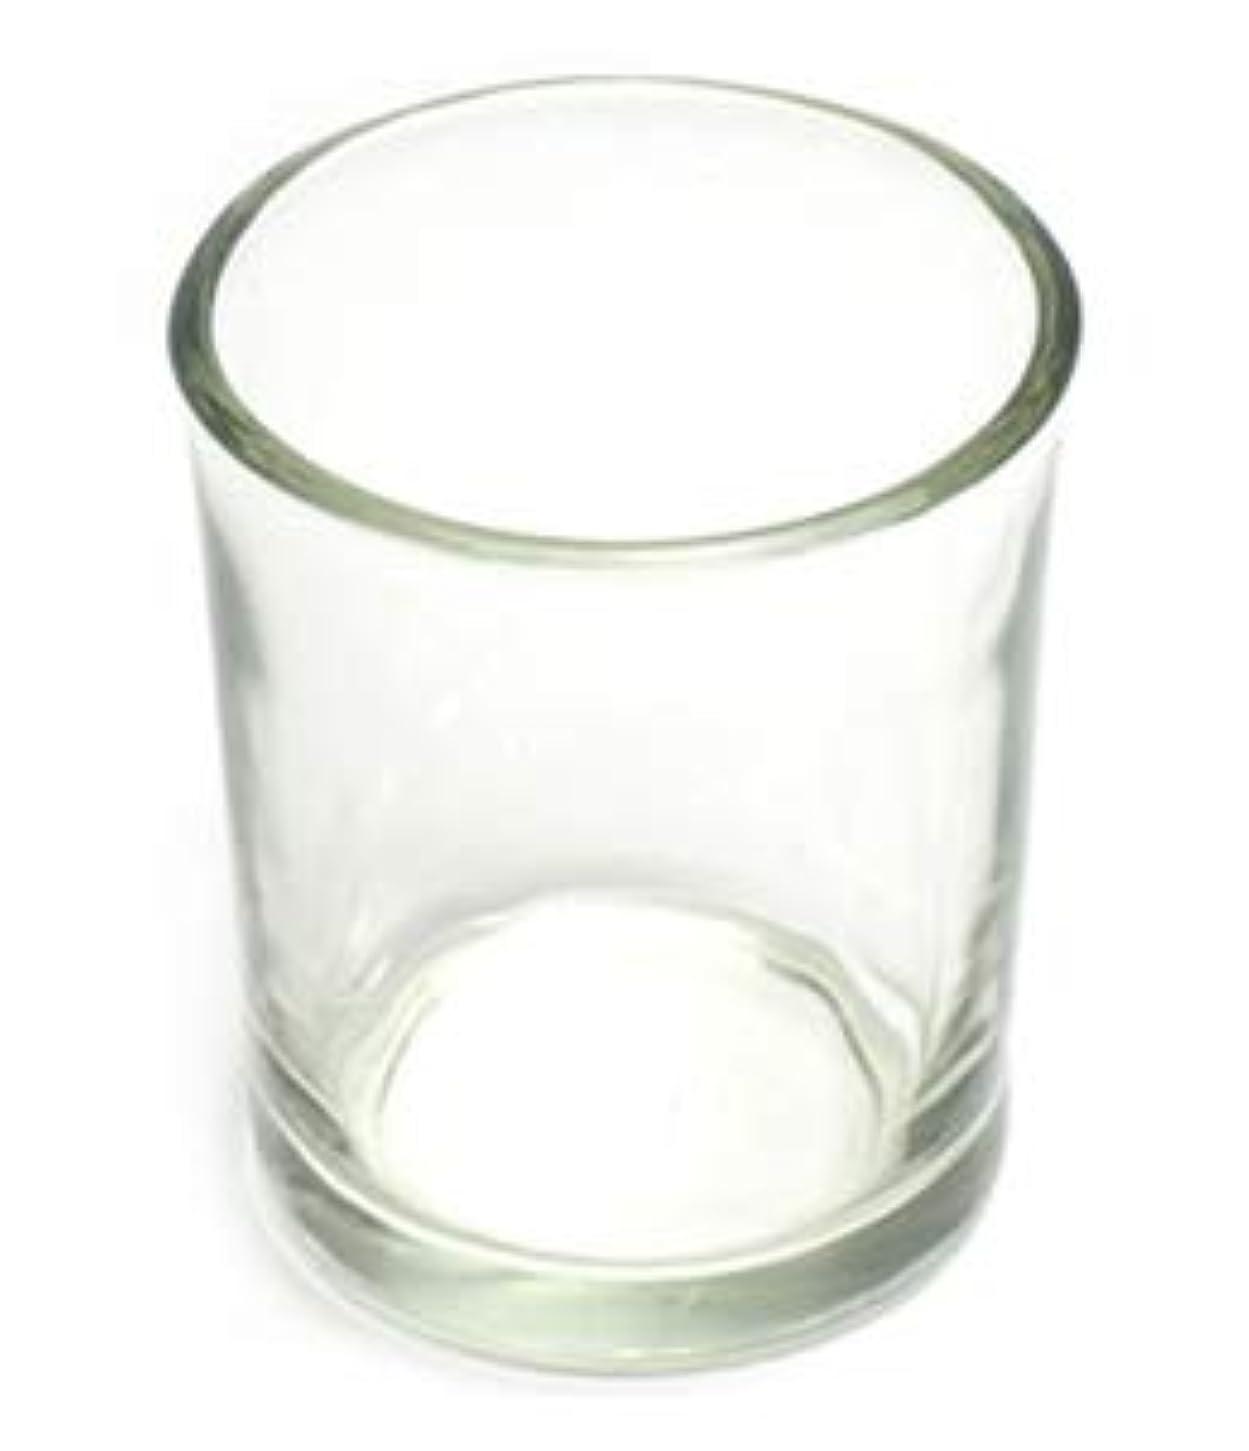 不利便益妨げるキャンドルホルダー ガラス シンプル[小] 1個 キャンドルスタンド 透明 クリア おしゃれ ろうそく立て